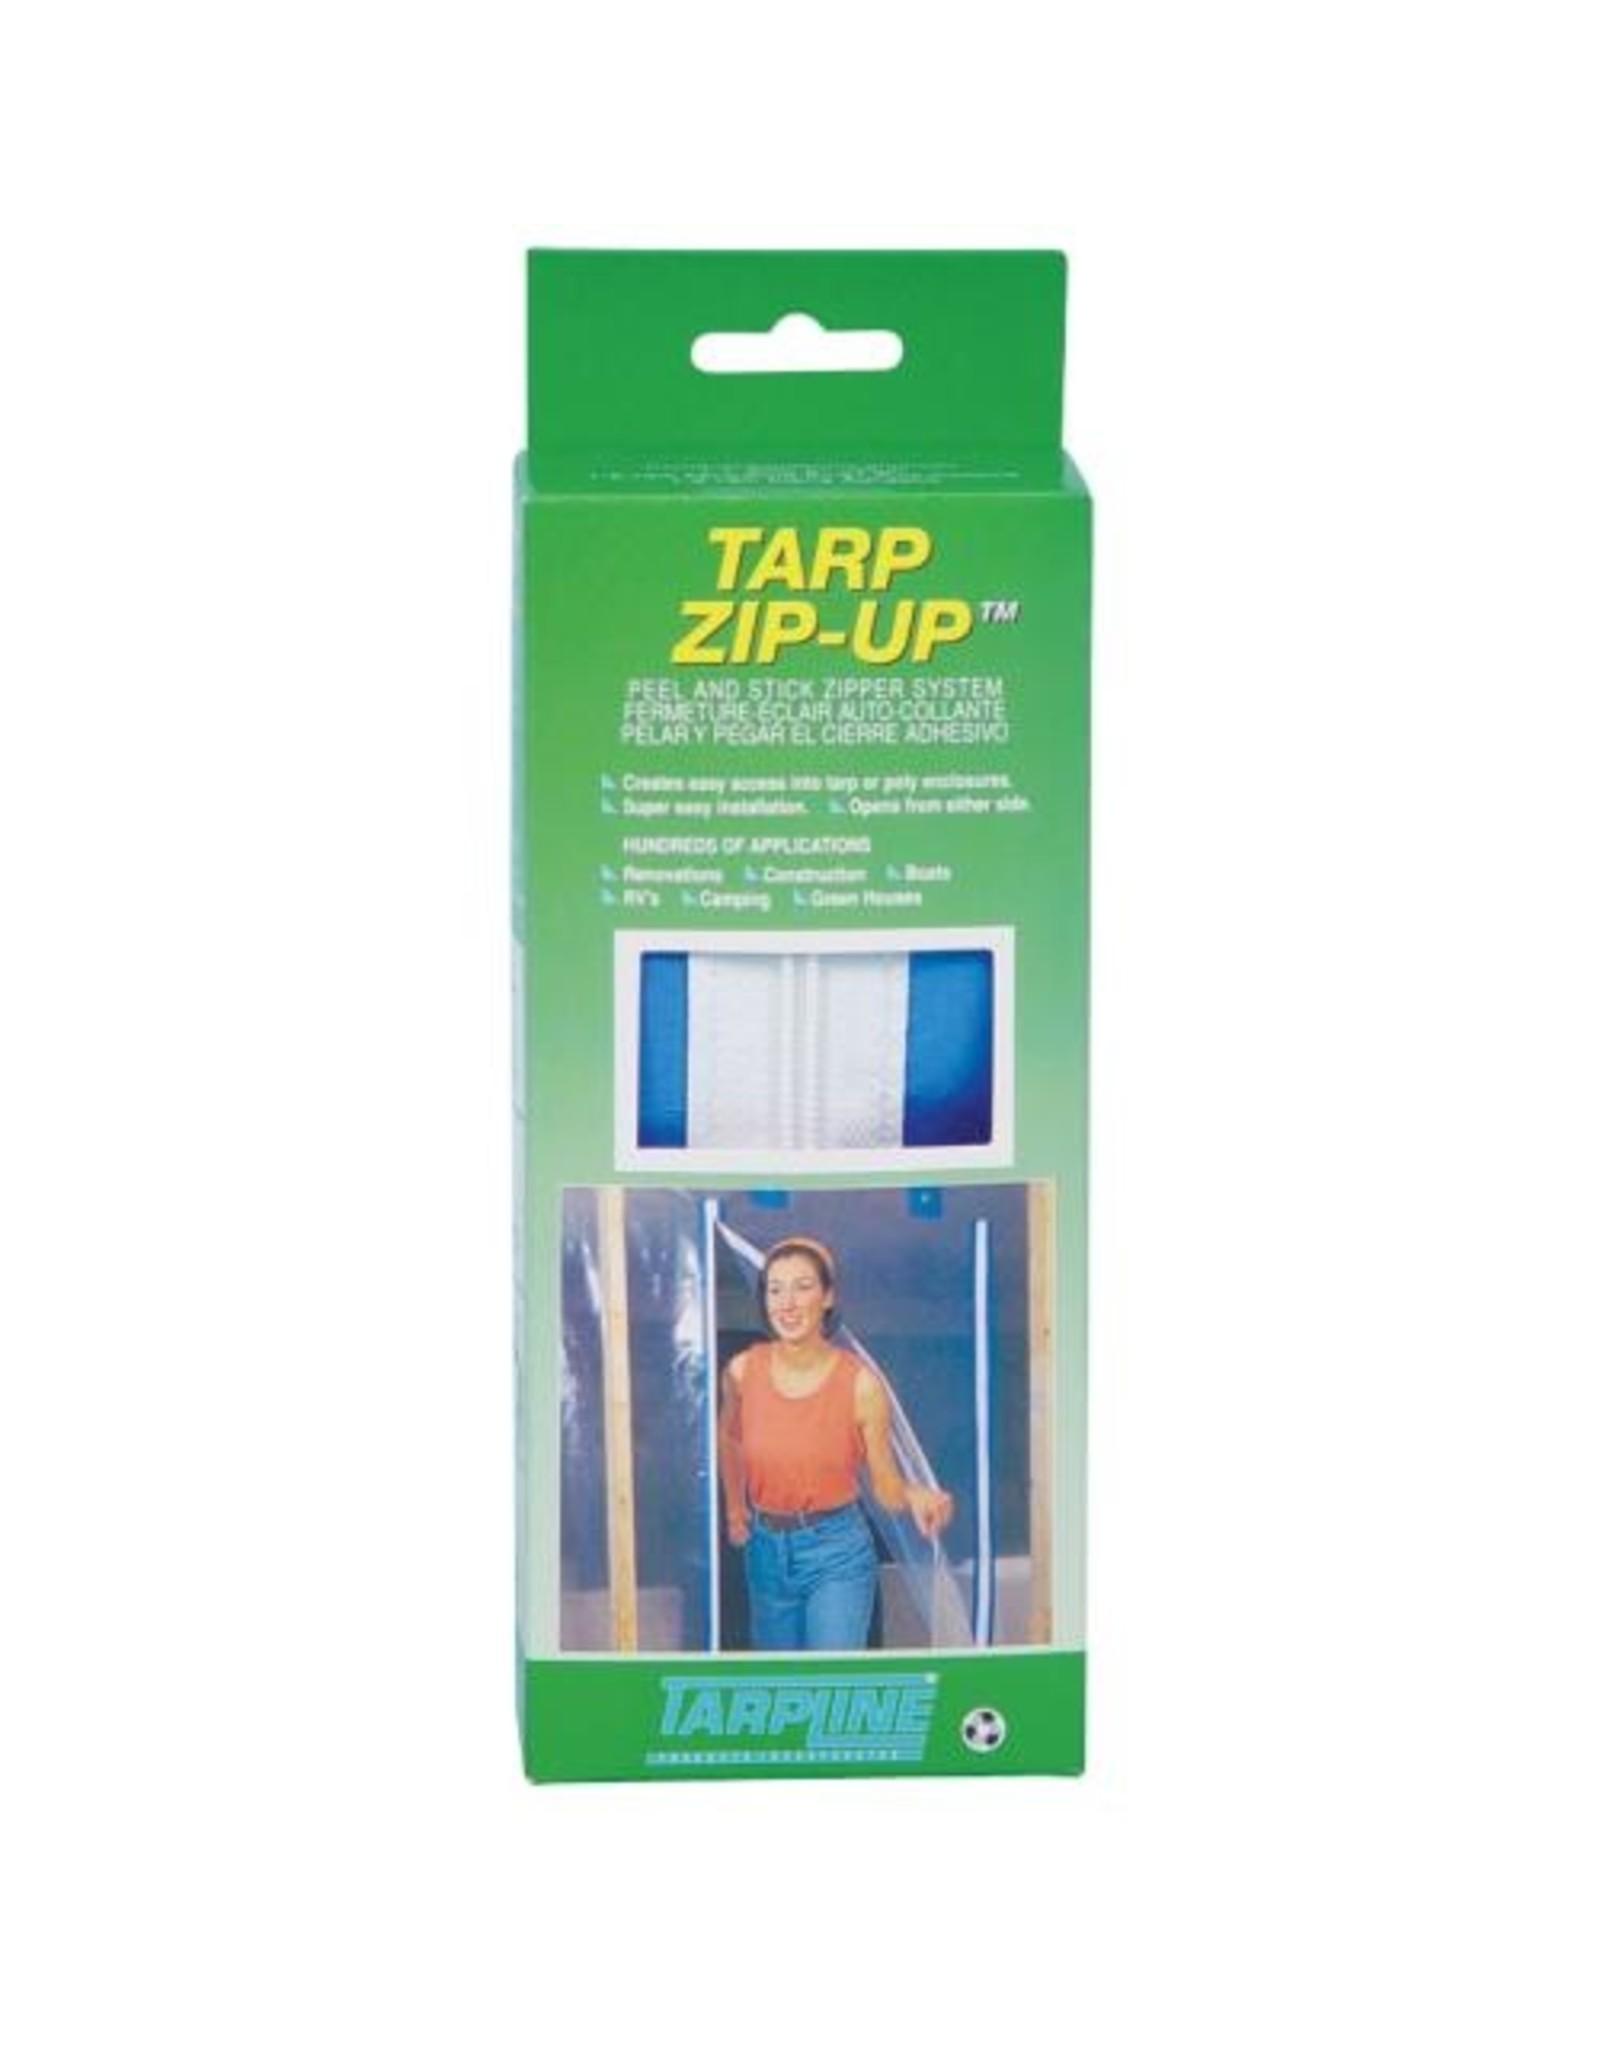 Tarp Zip-Up